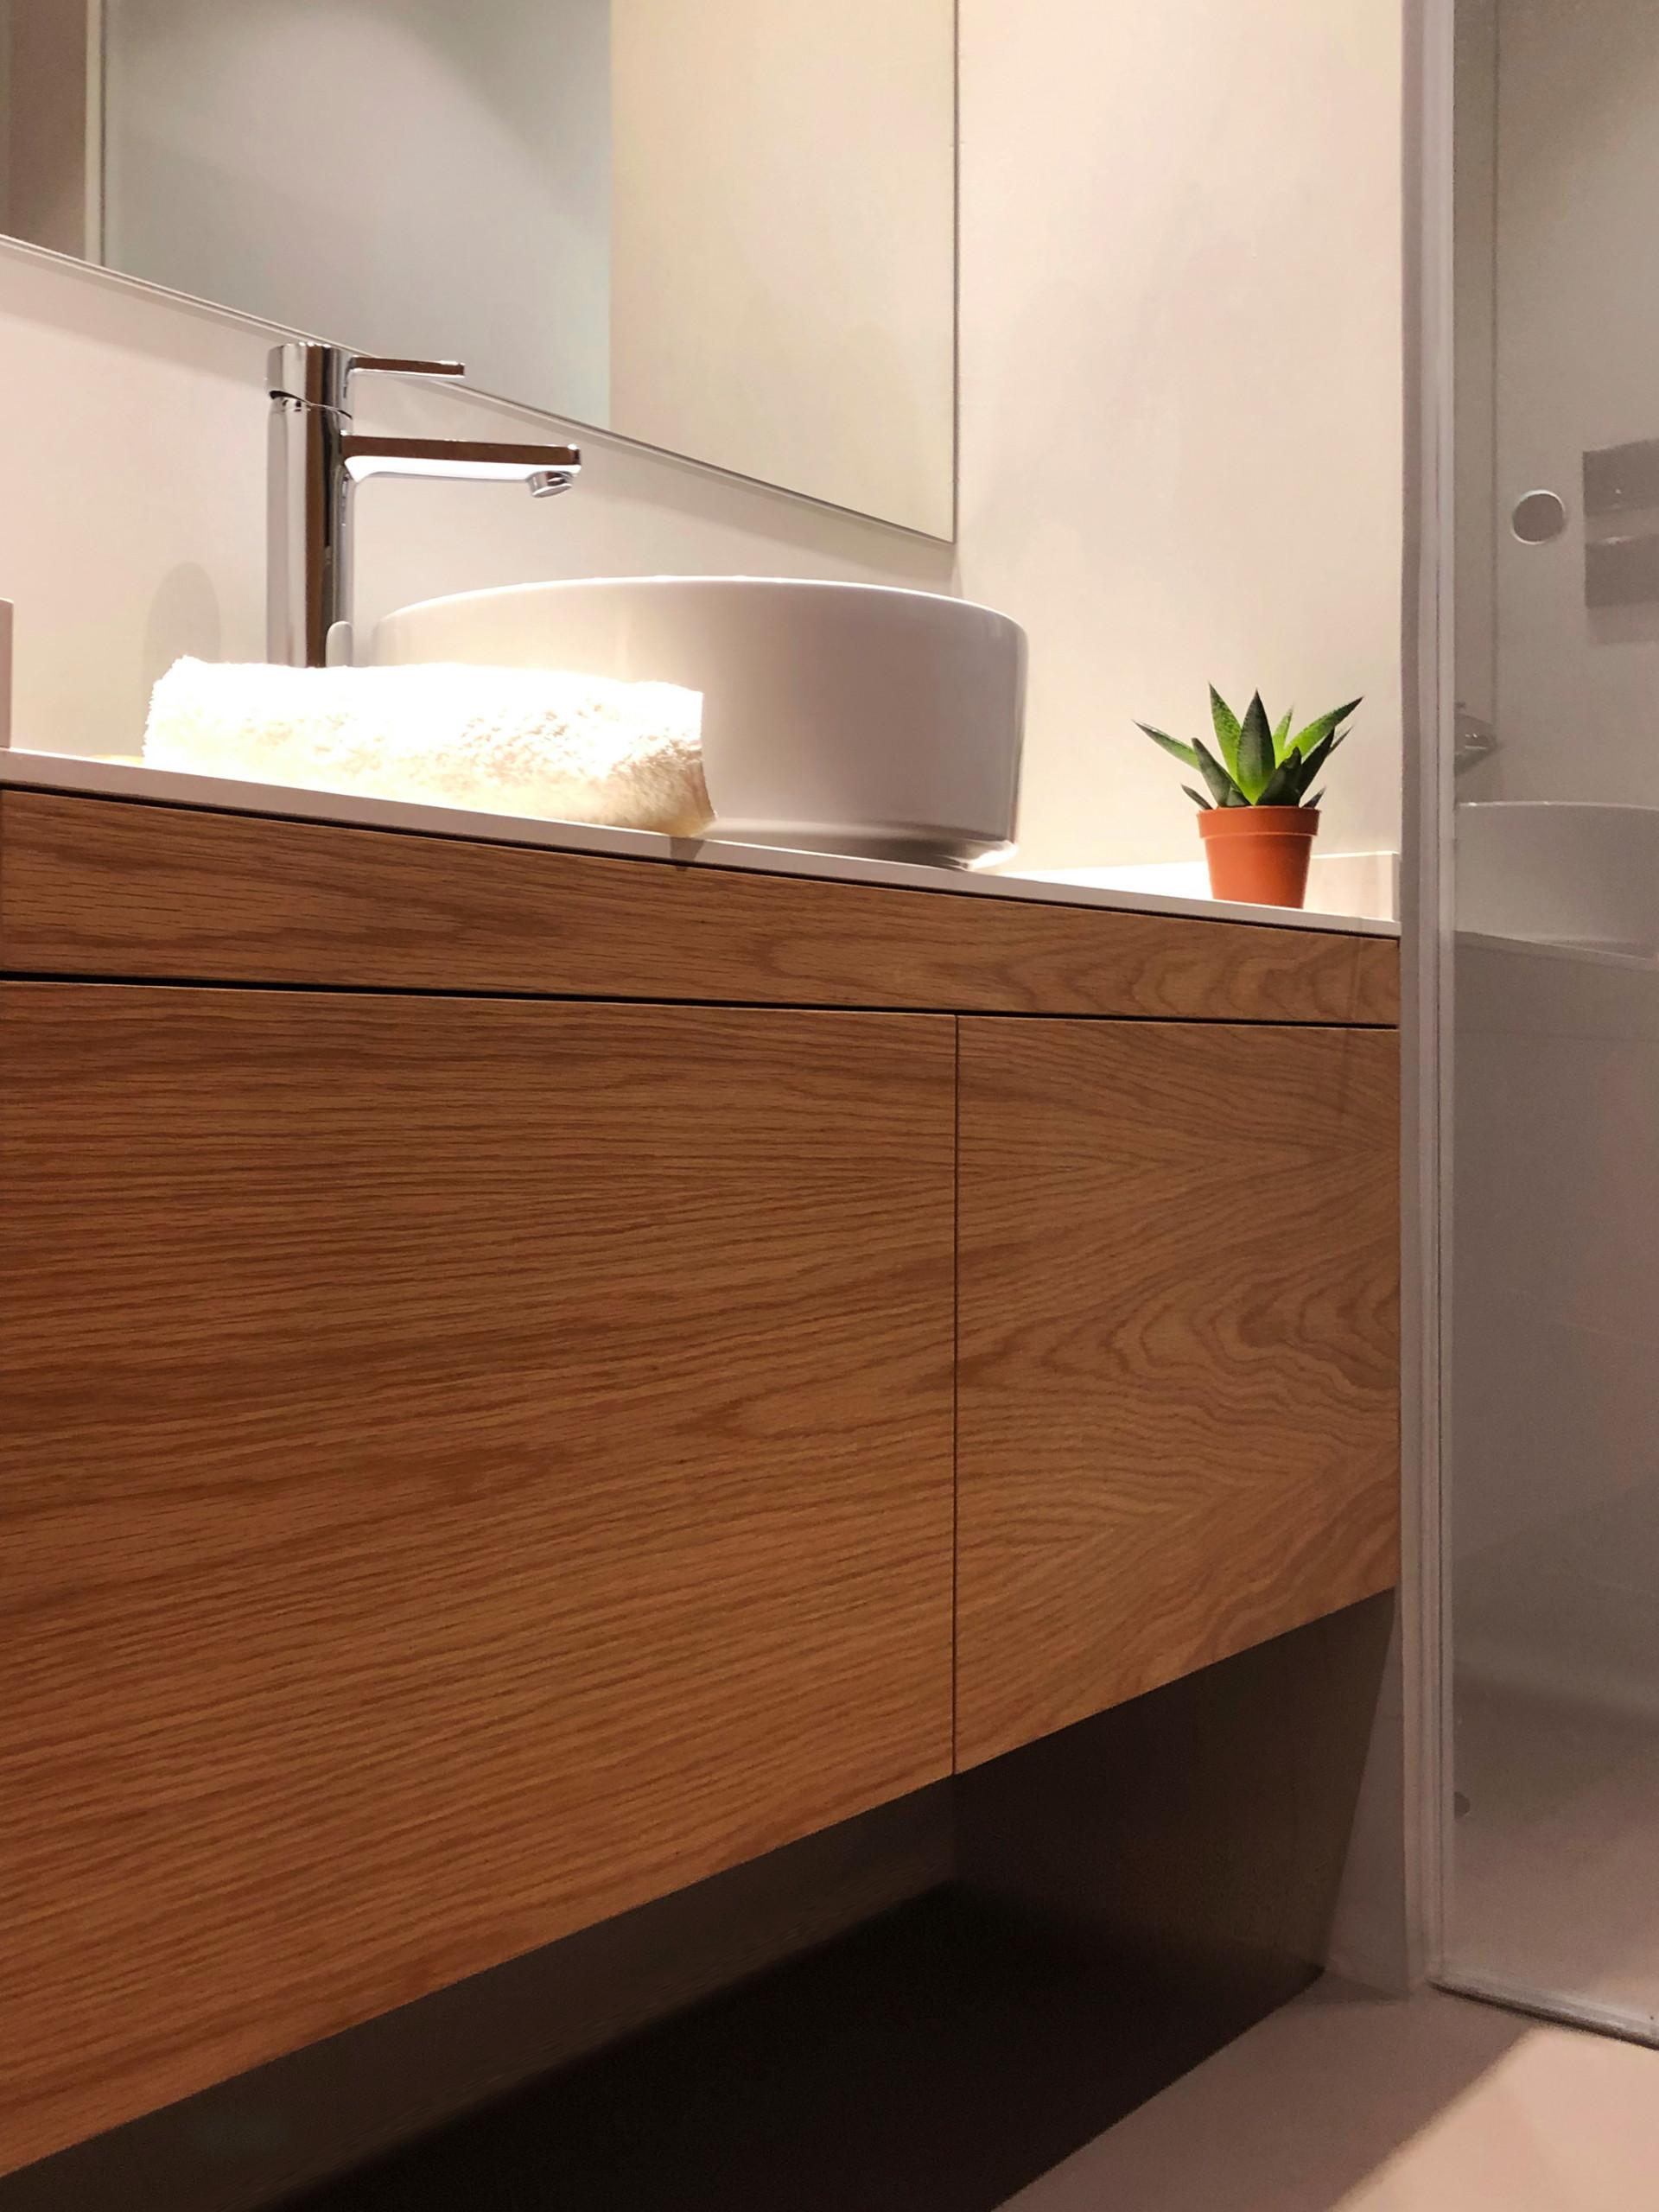 Baño en suite. Mueble y encimera.